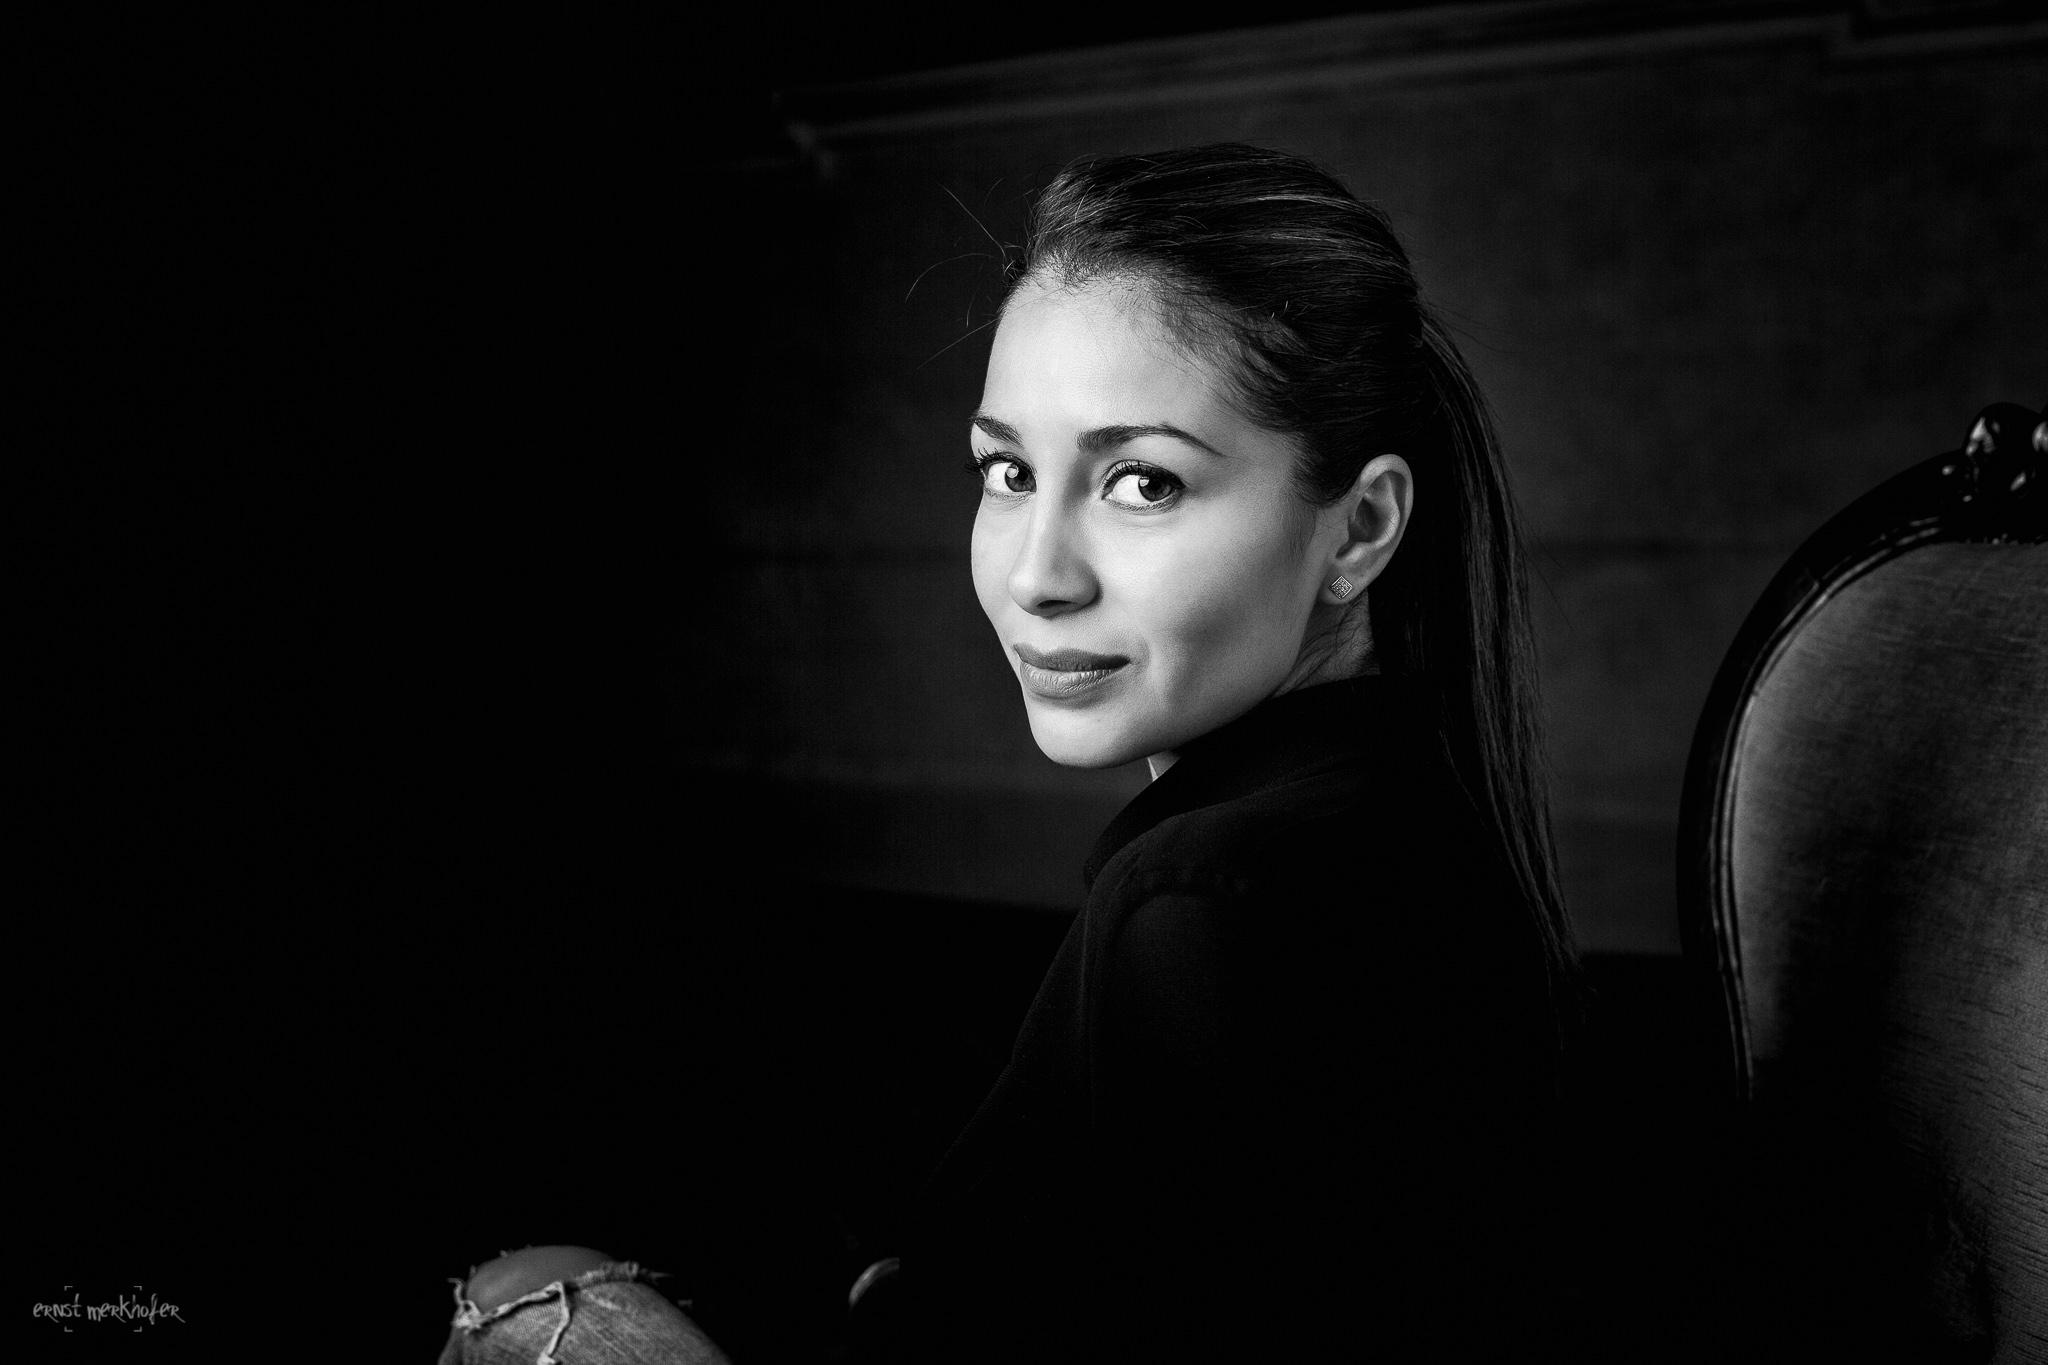 Portrait einer jungen Frau schwarz-weiß Ernst Merkhofer Fotograf, Portraits, Portraitfotograf, Portfolio,